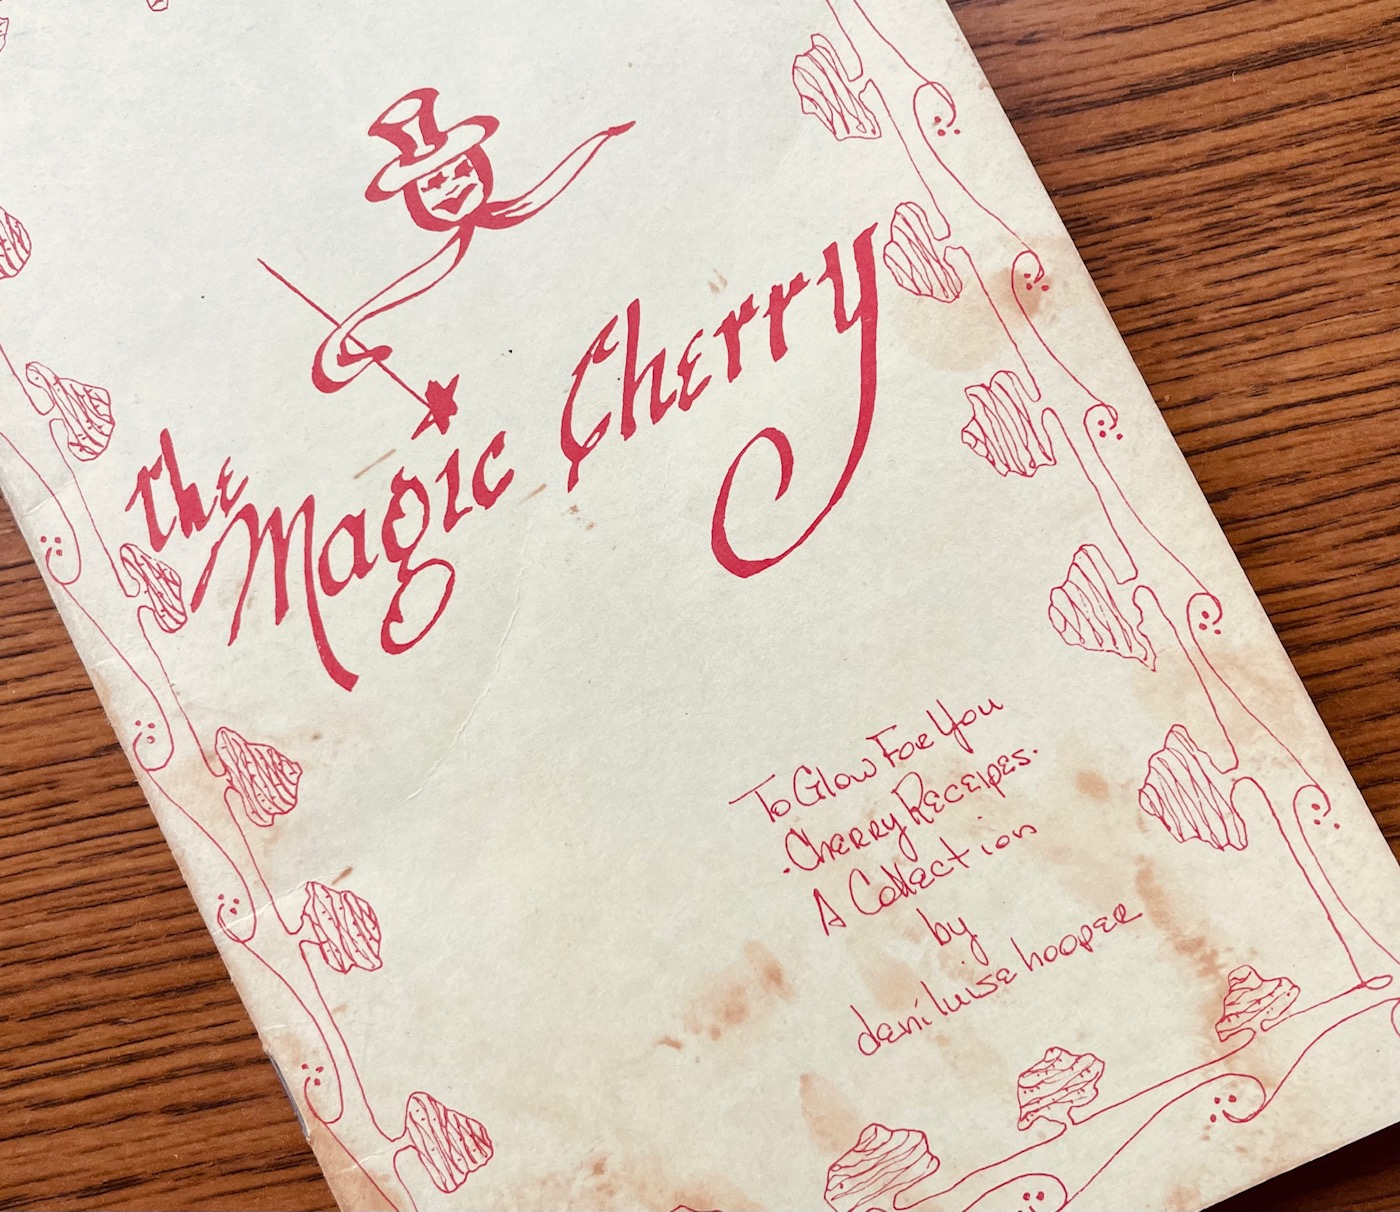 Deni Hooper's Cherry Recipe Book, The Magic Cherry   Jane Boursaw Photo